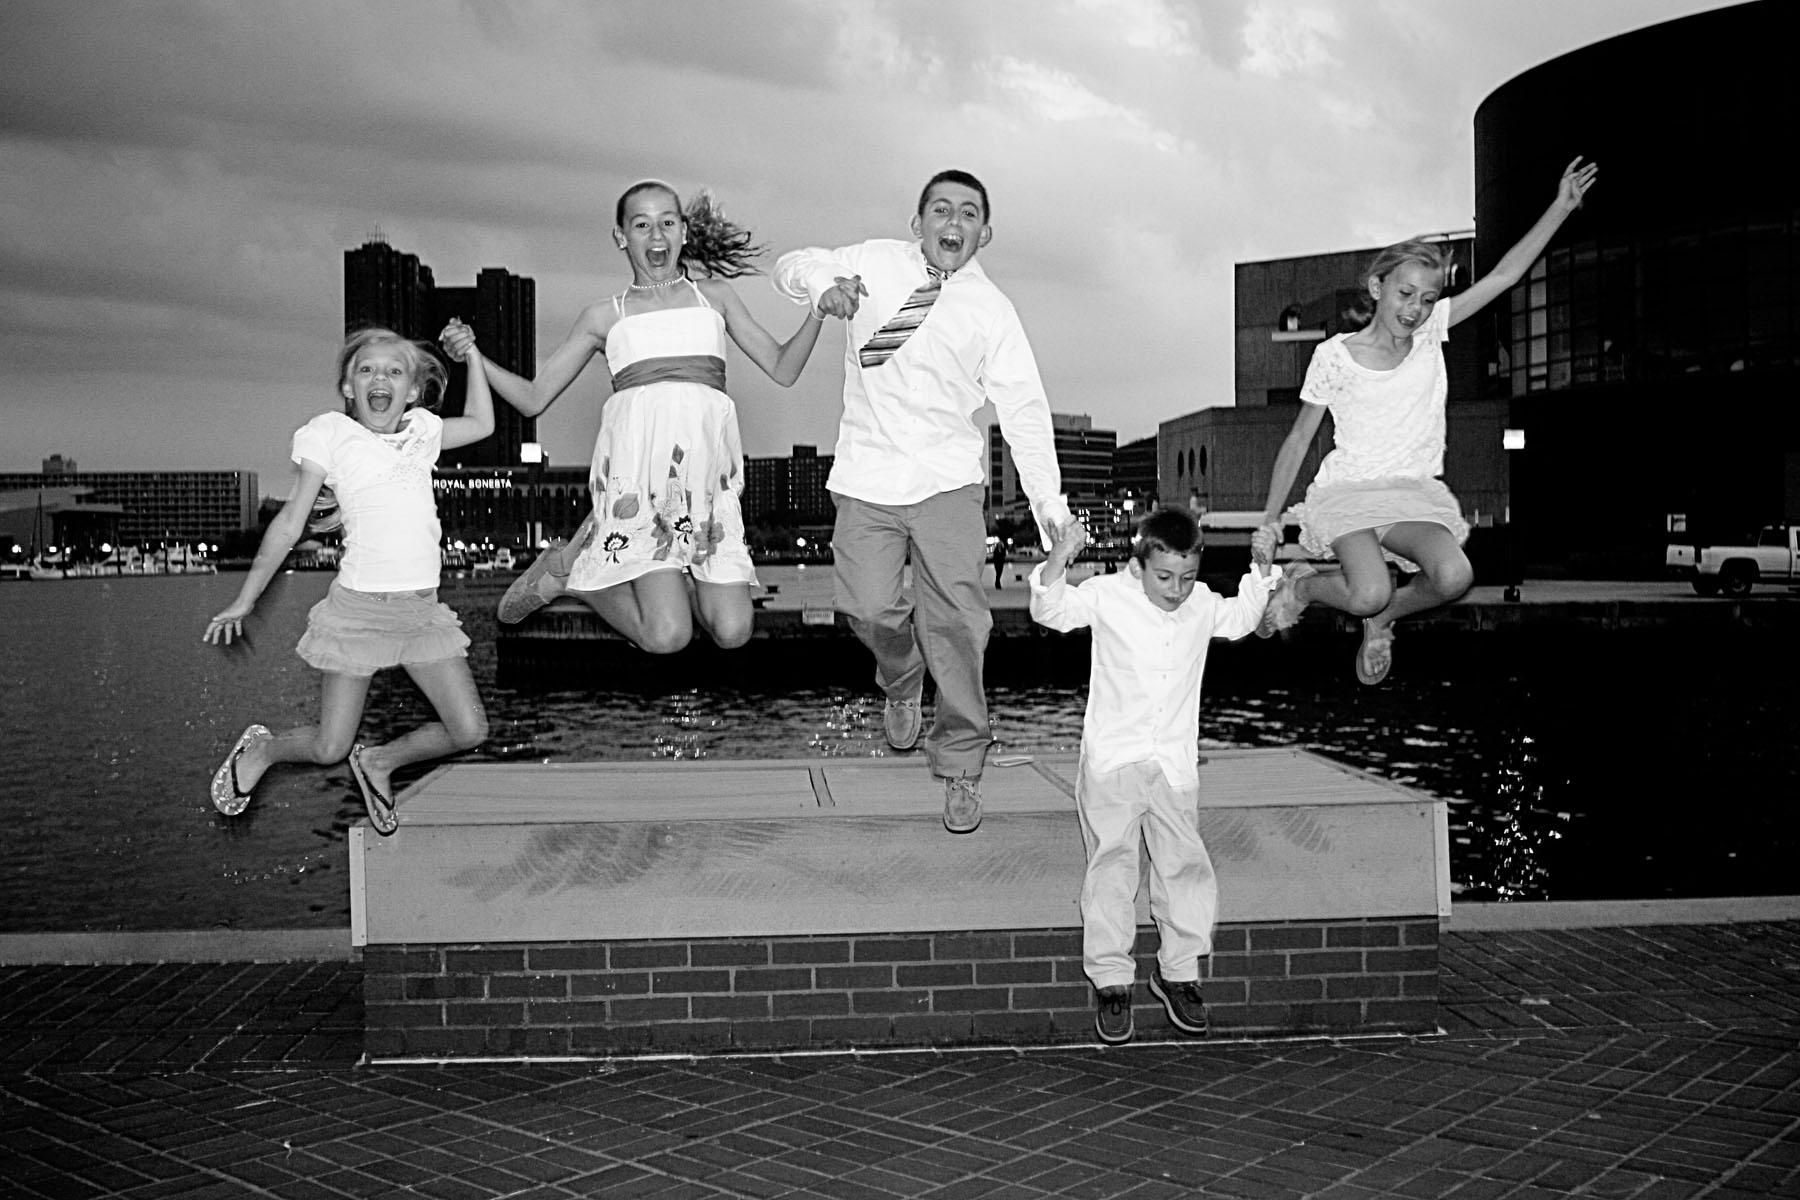 kidsjumping_2_bw.jpg